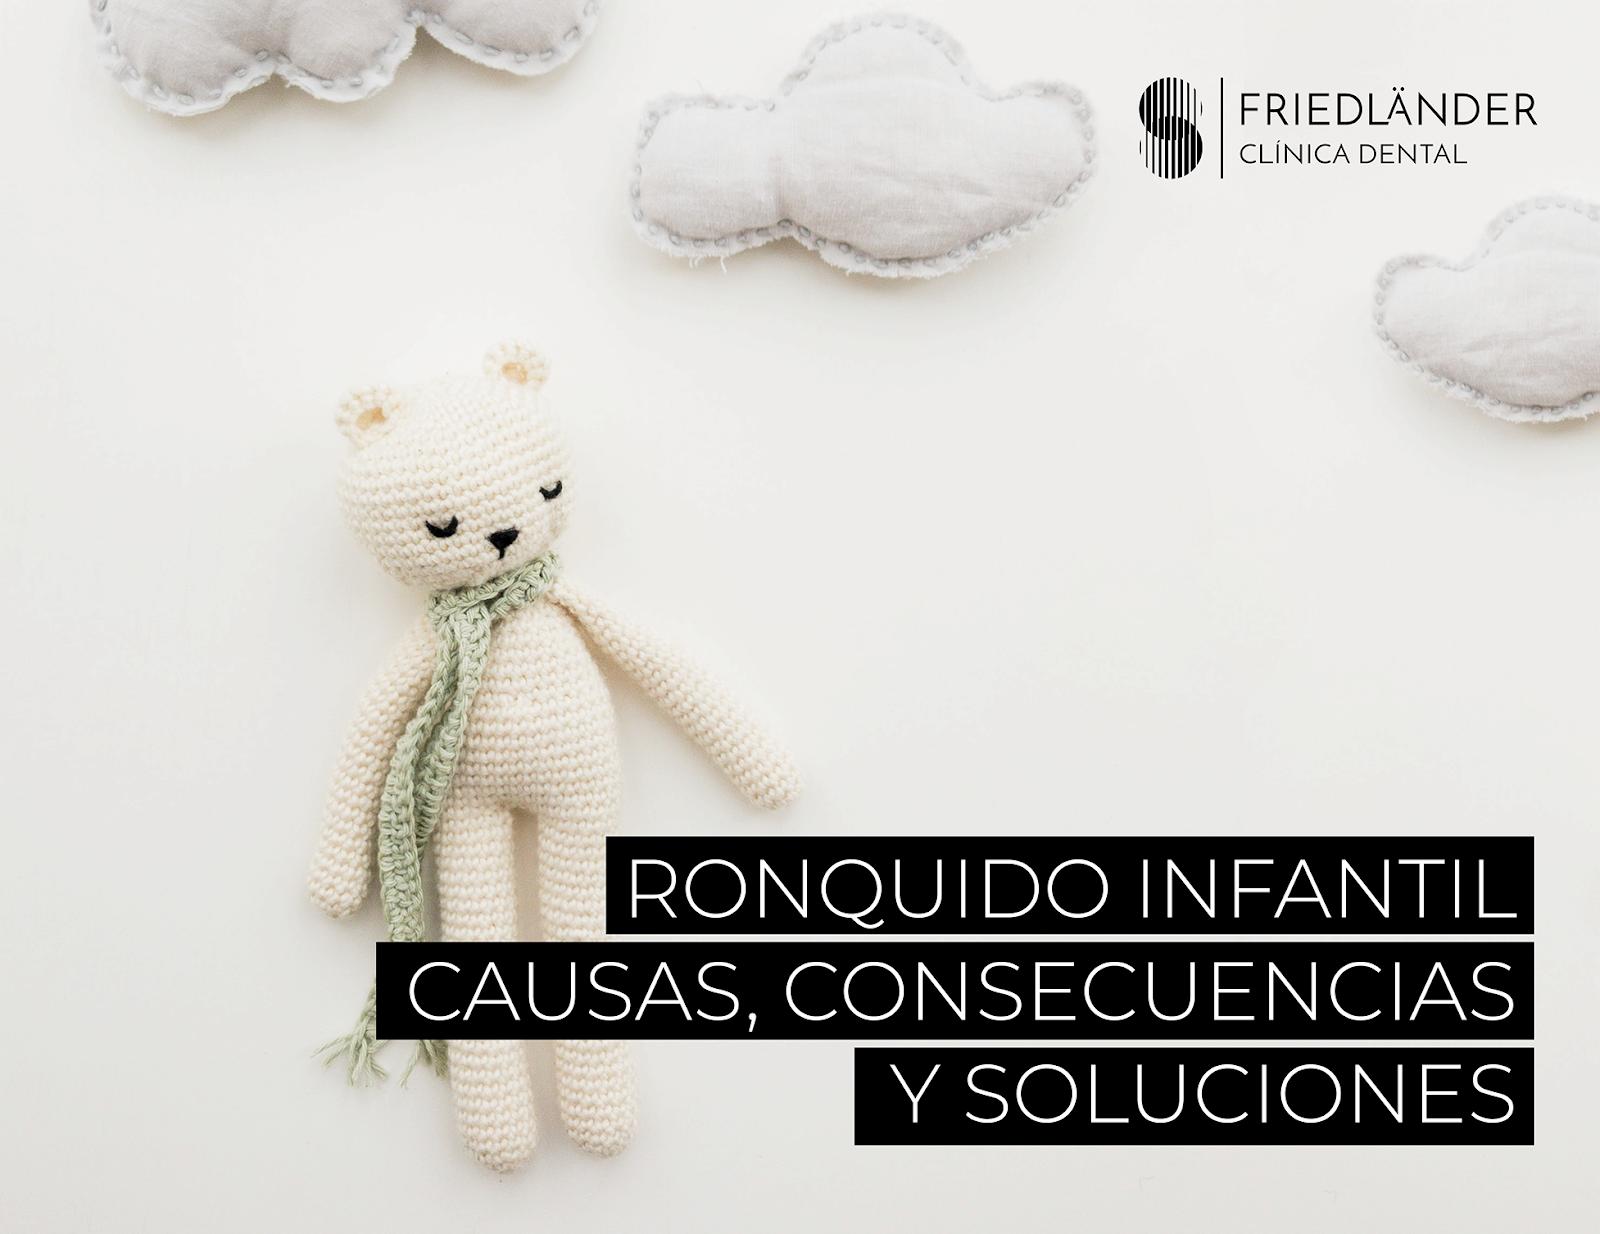 Ronquido en niños: causas, consecuencias y soluciones. 1